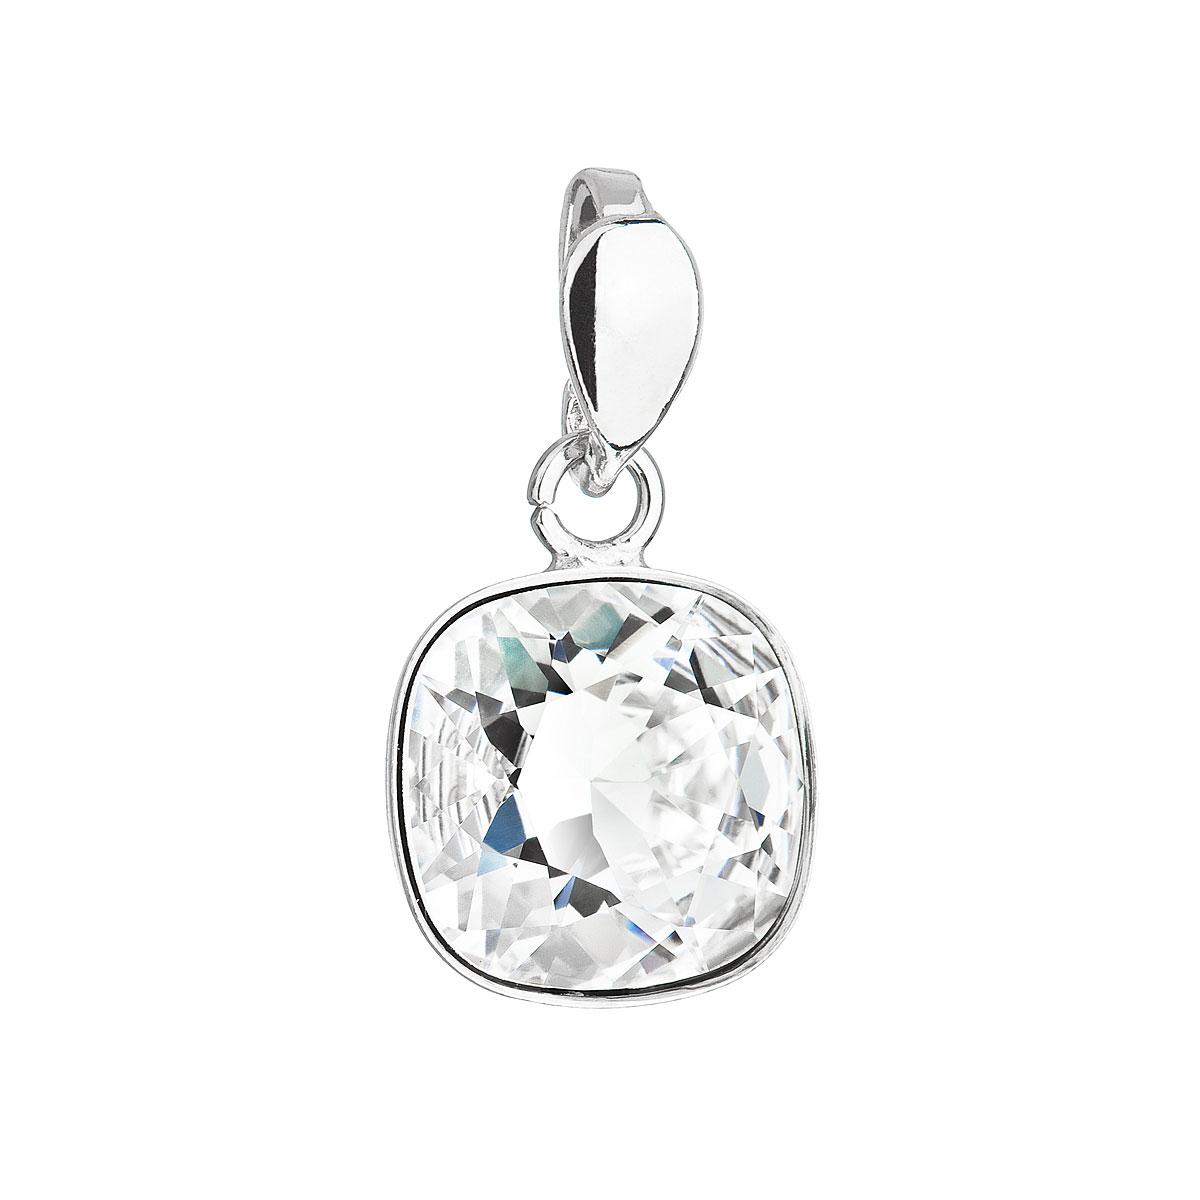 Evolution Group Stříbrný přívěsek s krystalem Swarovski bílý čtverec 34224.1